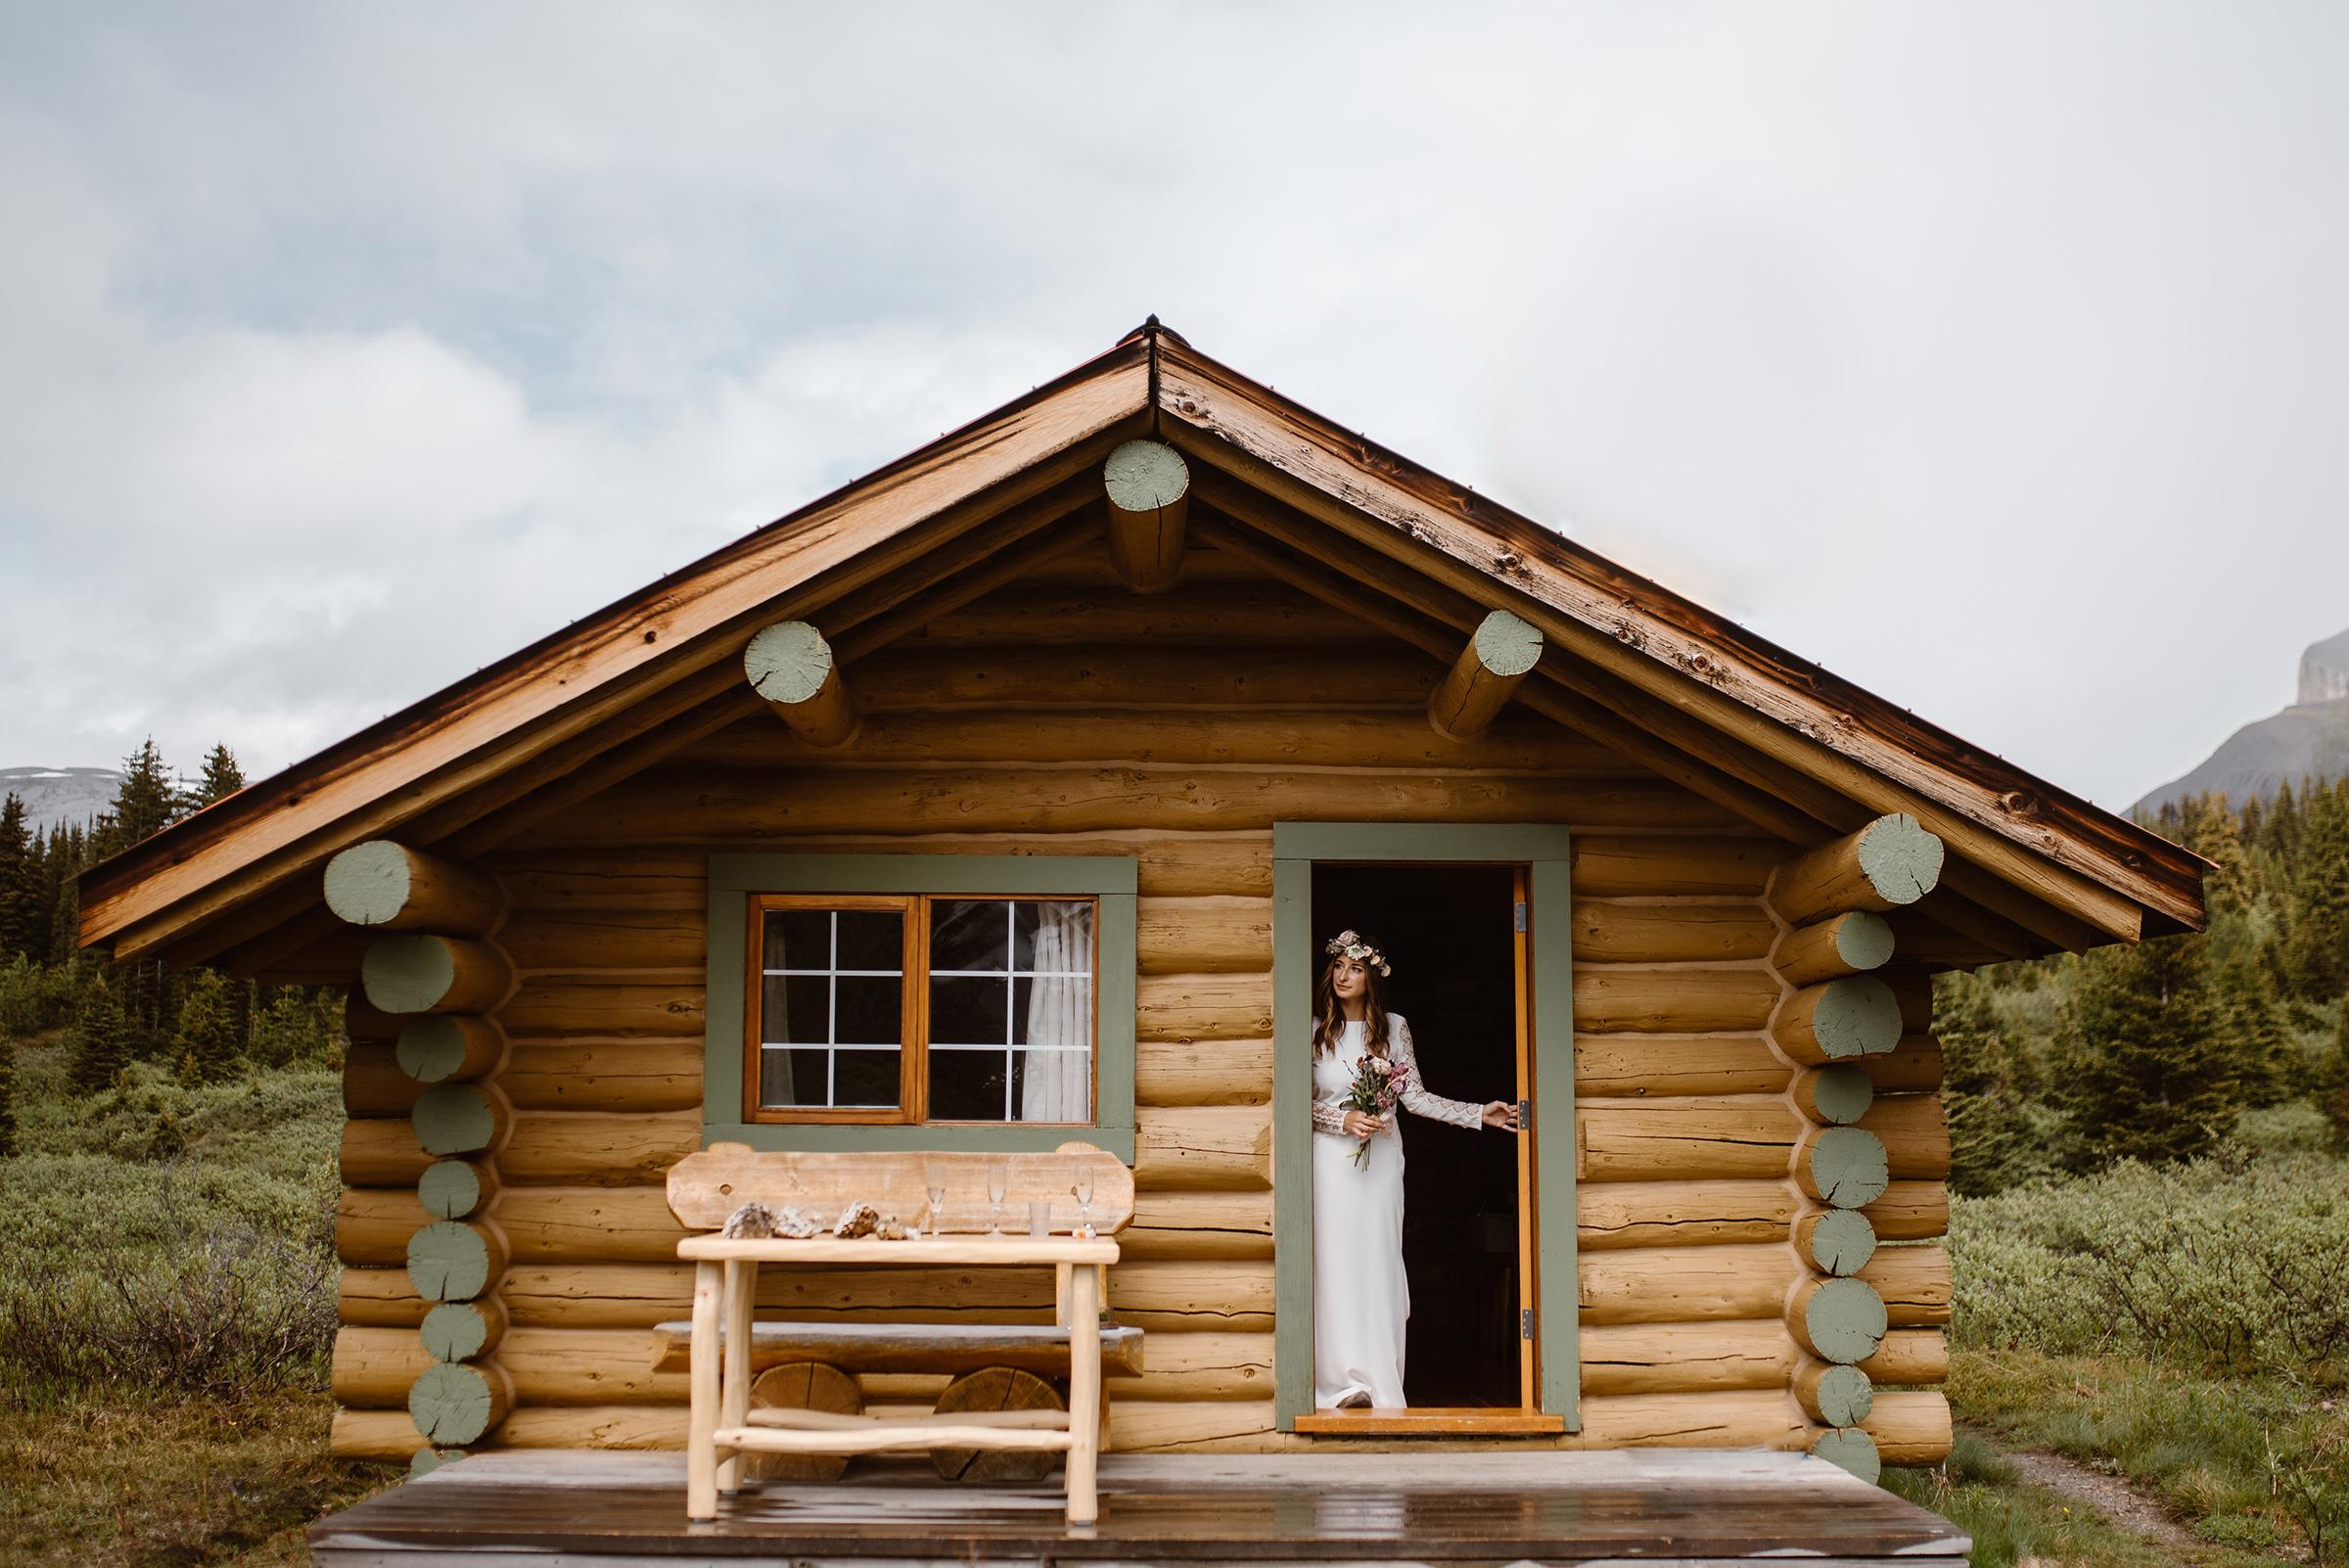 Mount-Assiniboine-provincial-Park- Alberta- Canada-bride-peeks-out-of-log-cabin-door-virginia-evan